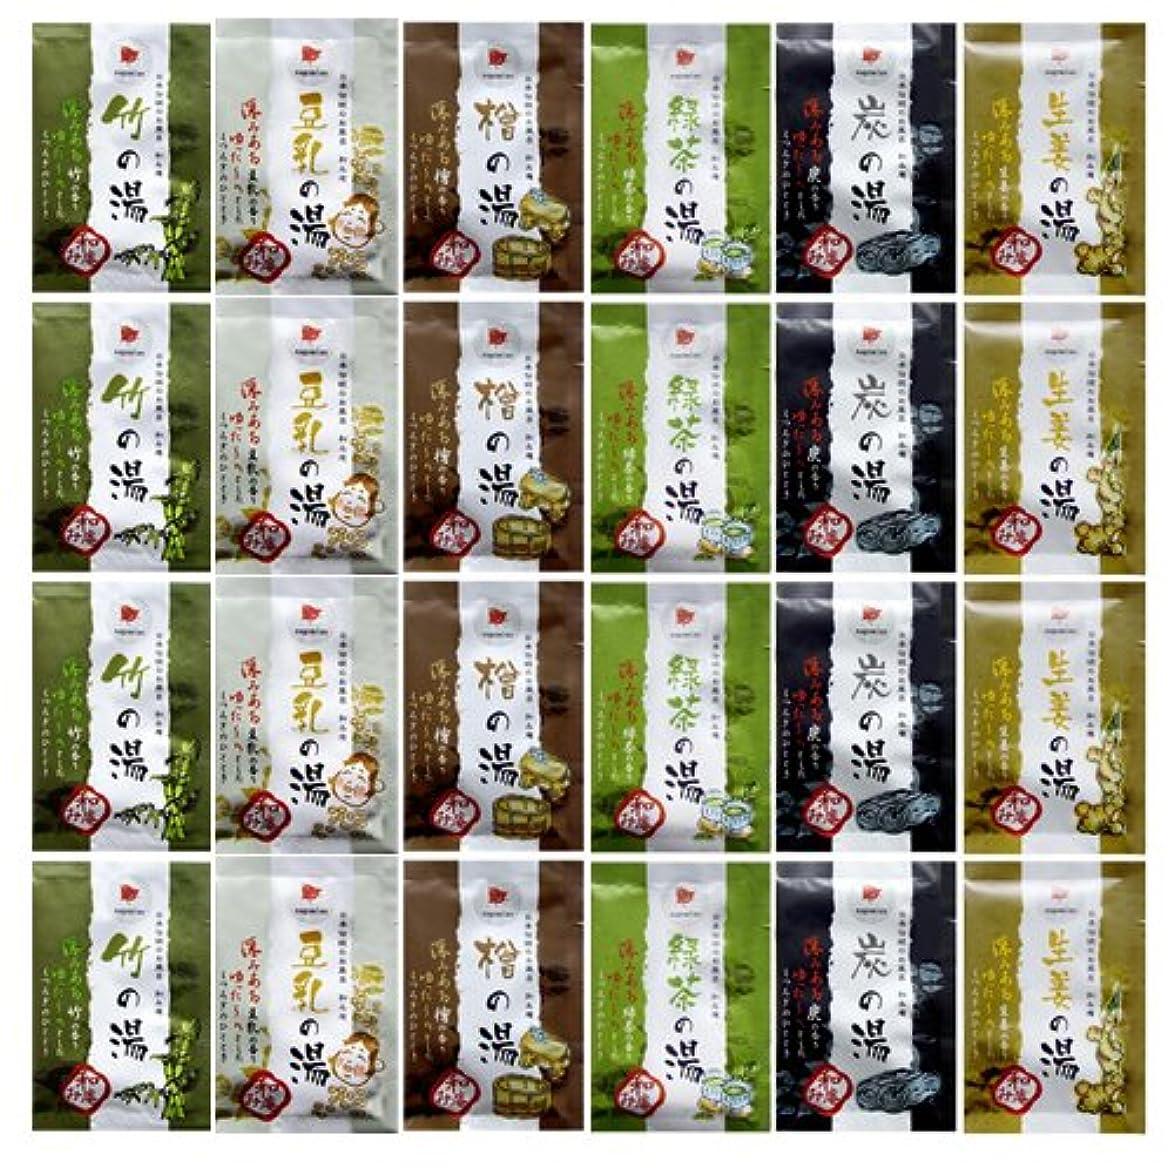 アクセサリー期間スリル日本伝統のお風呂 和み庵 6種類セット (6種類×4セット)